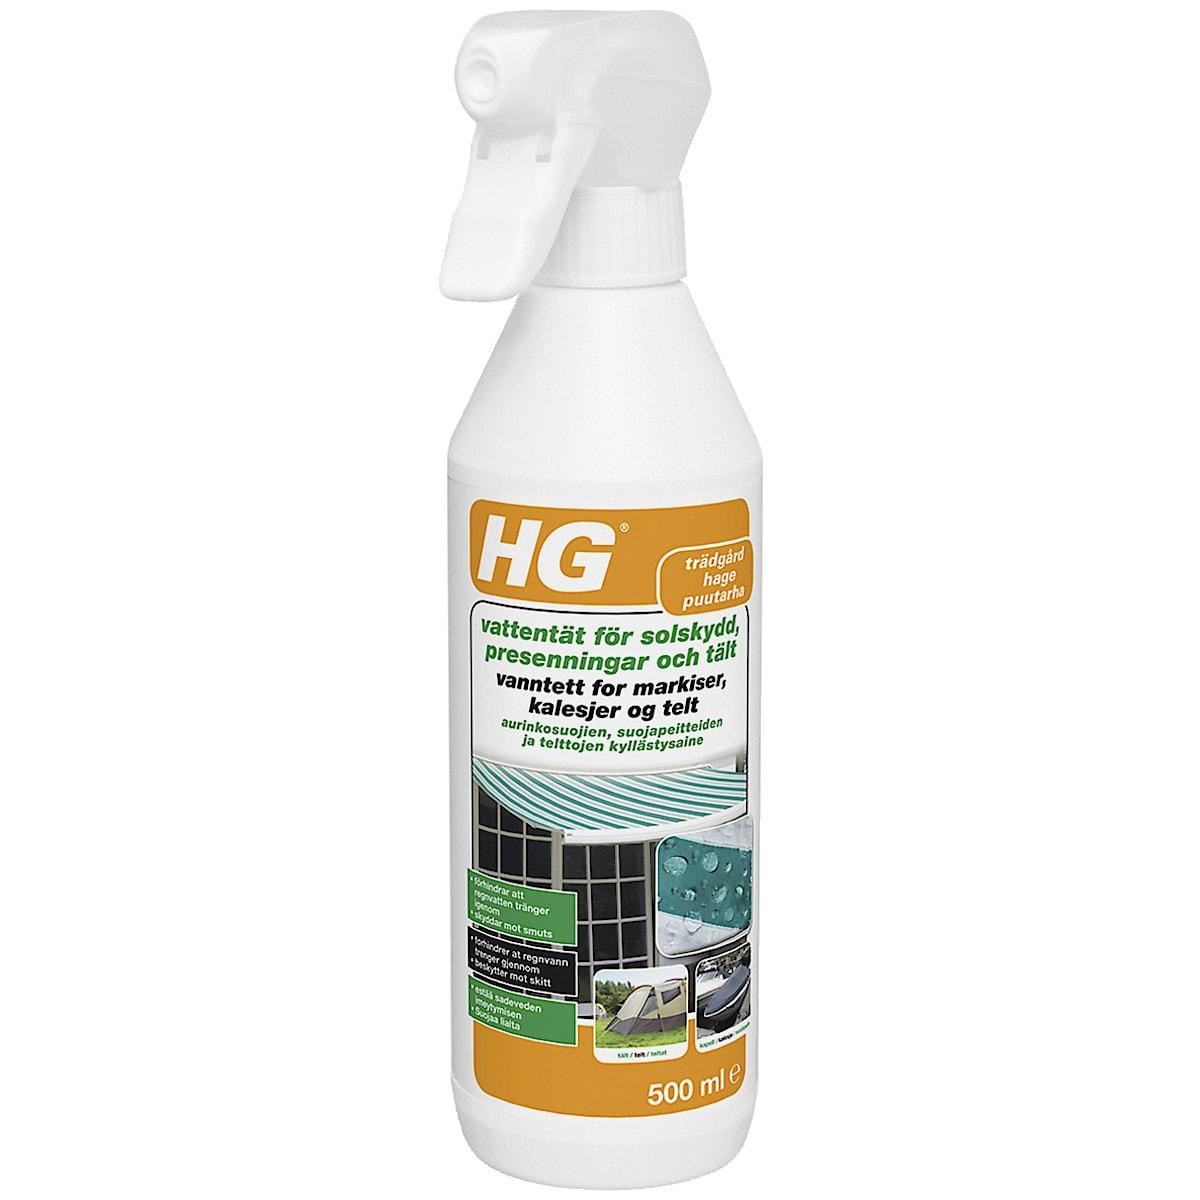 Impregnering HG